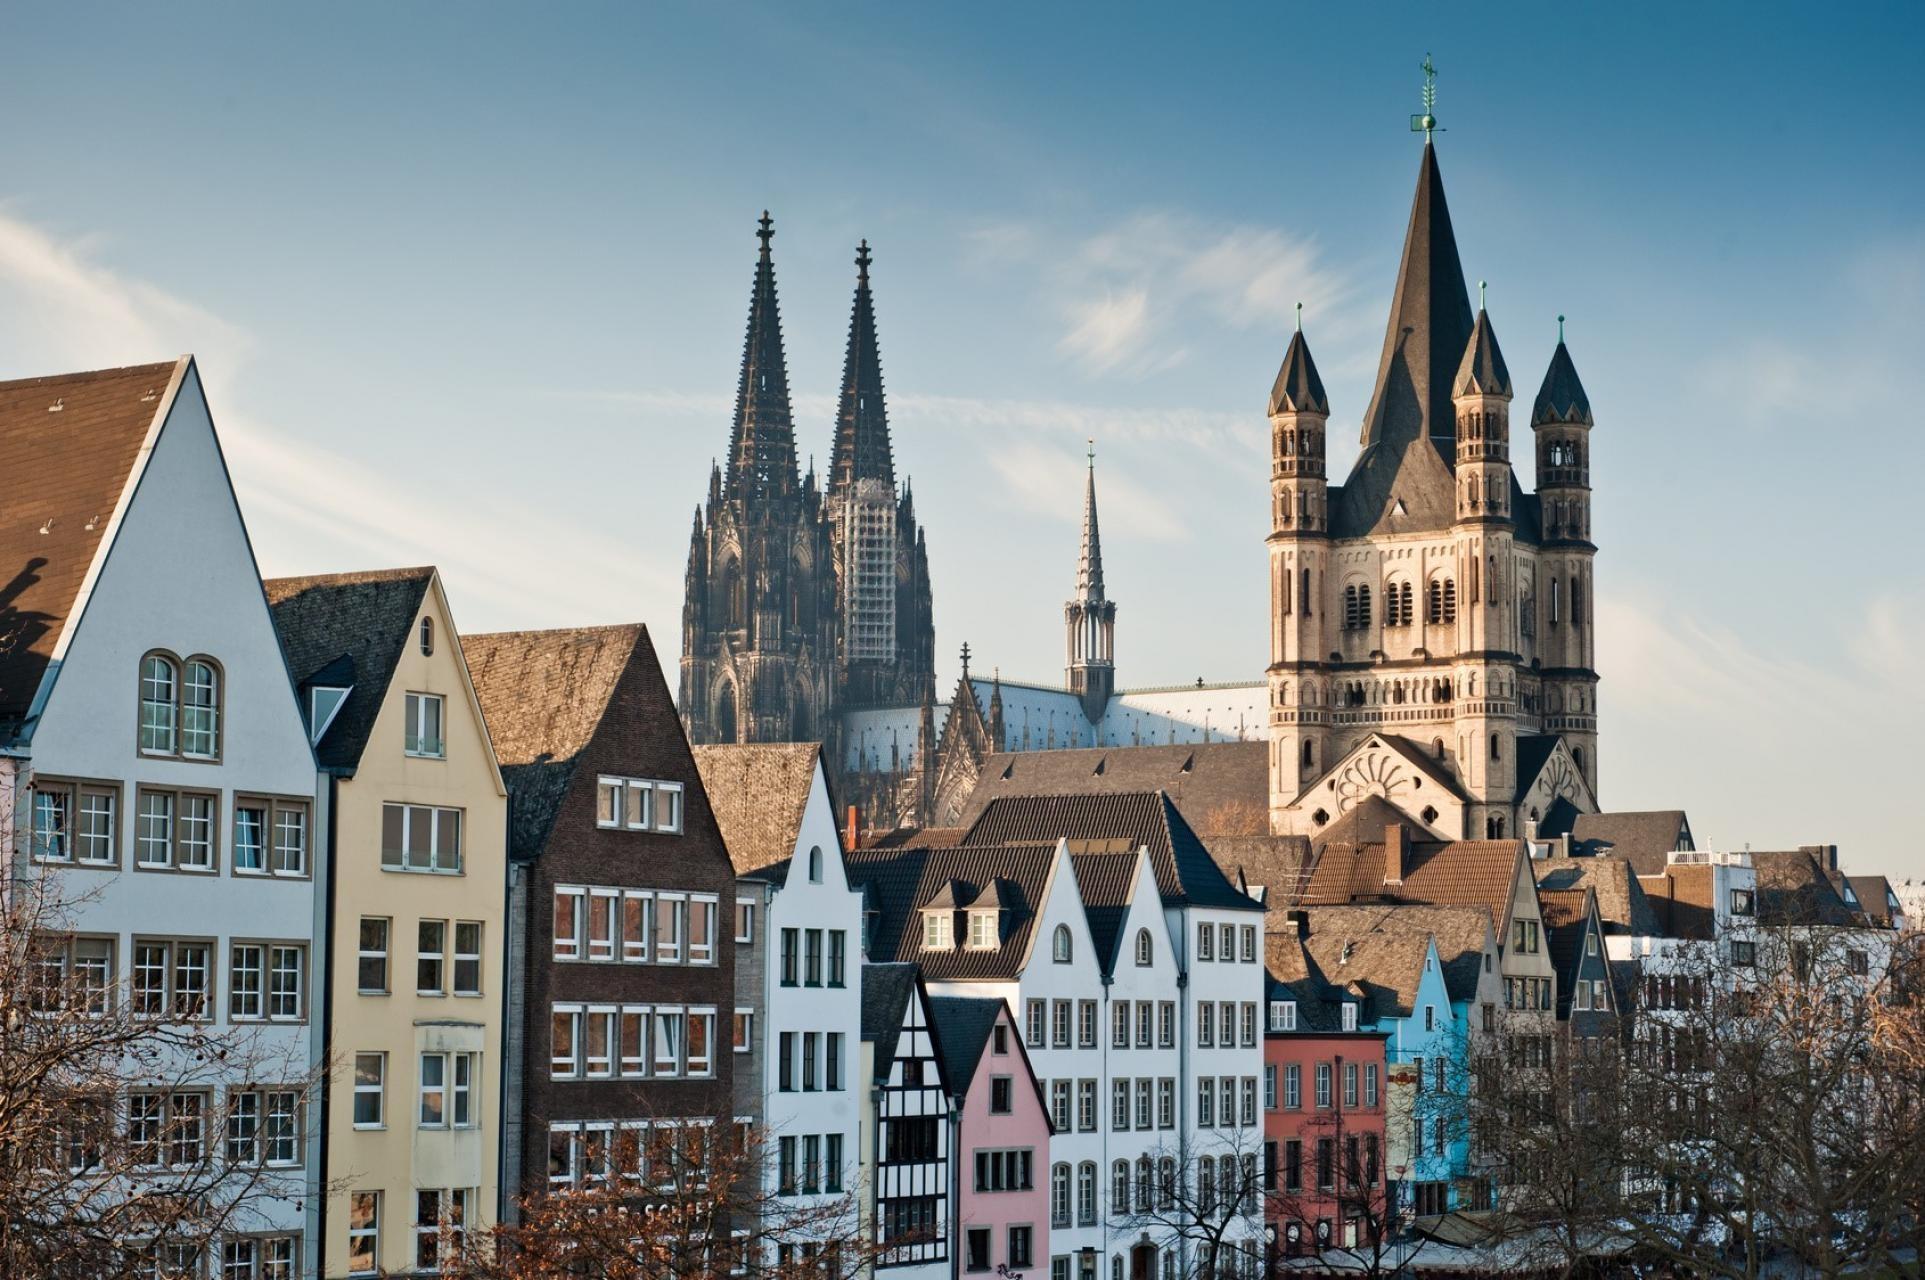 Nhà thờ lớn nằm ở trung tâm thành phố Cologne